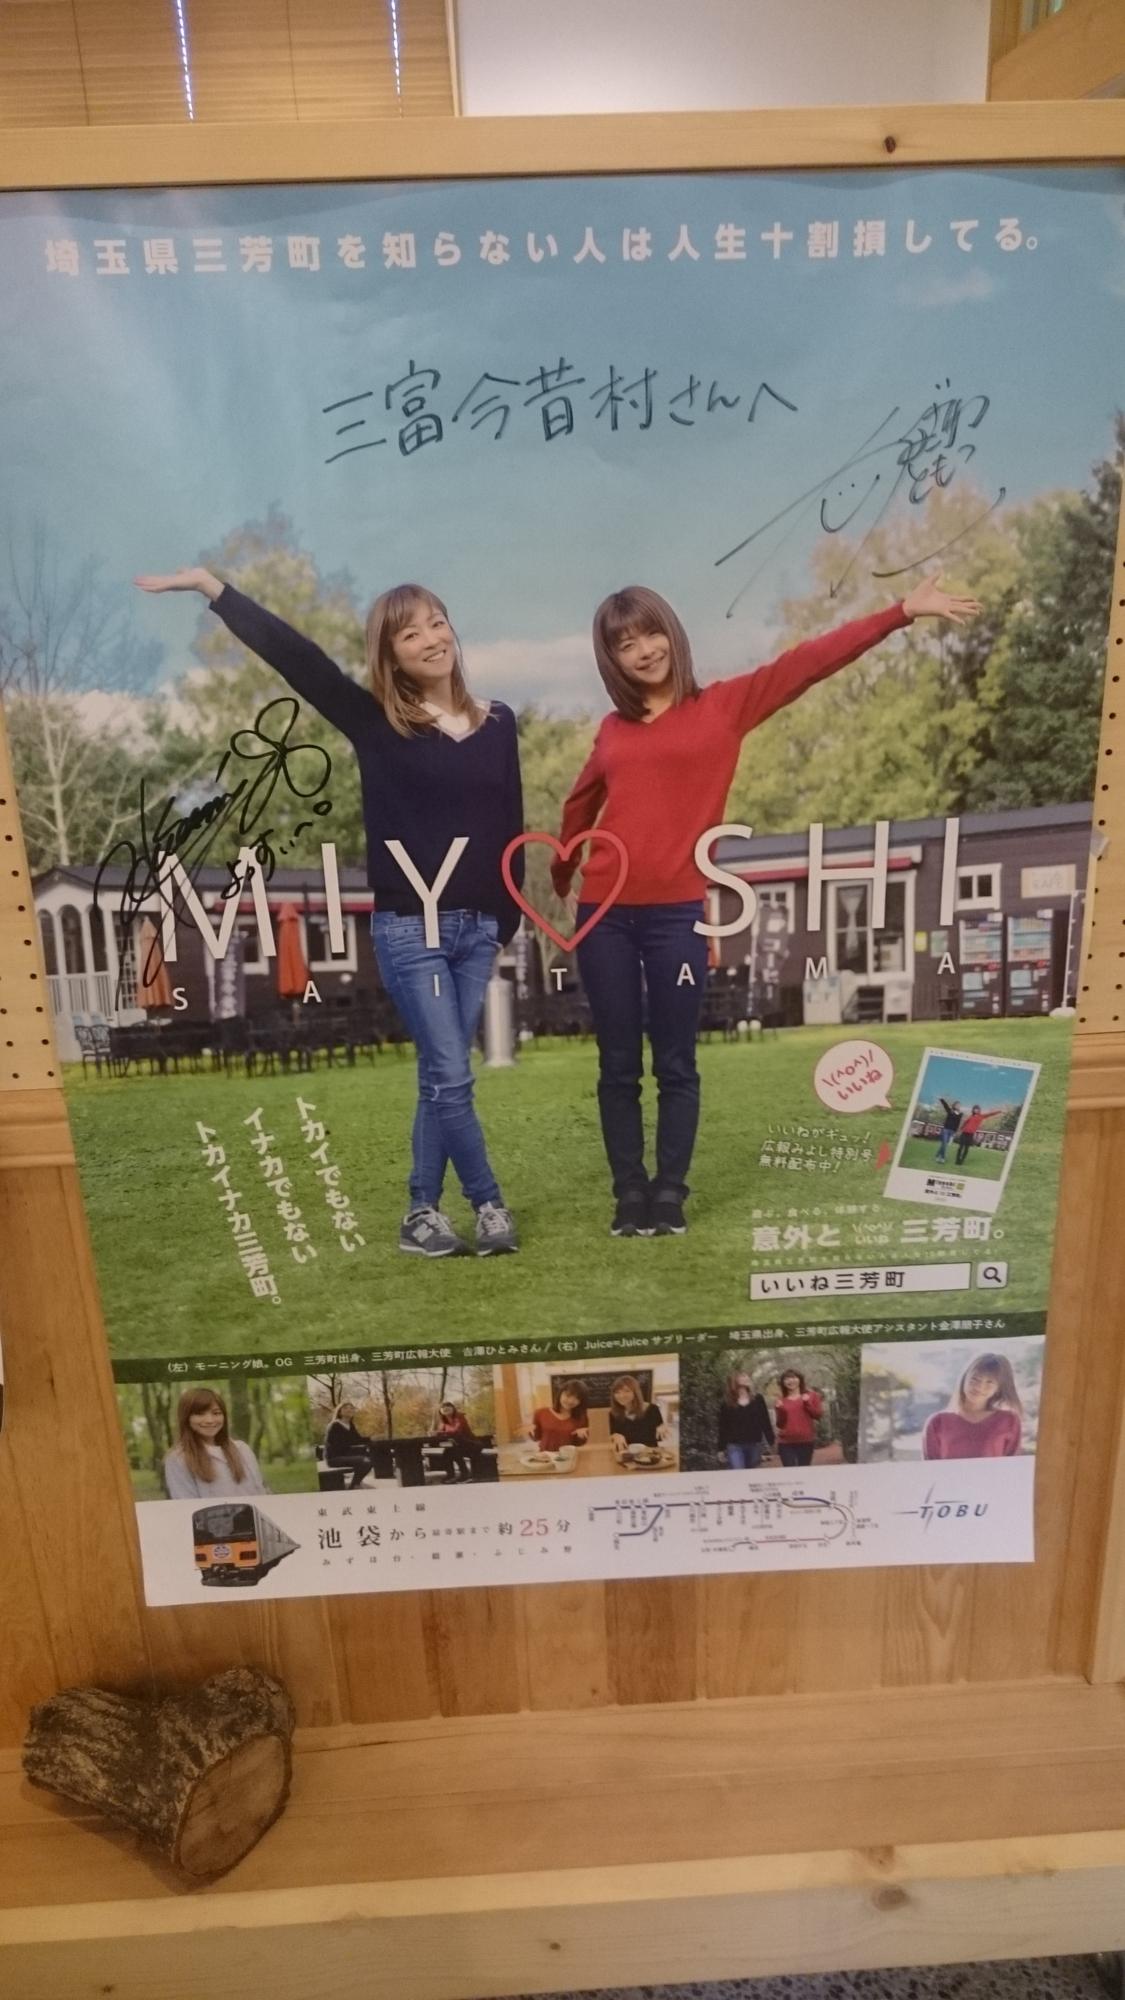 吉澤さんと金澤さんの三芳町ポスター